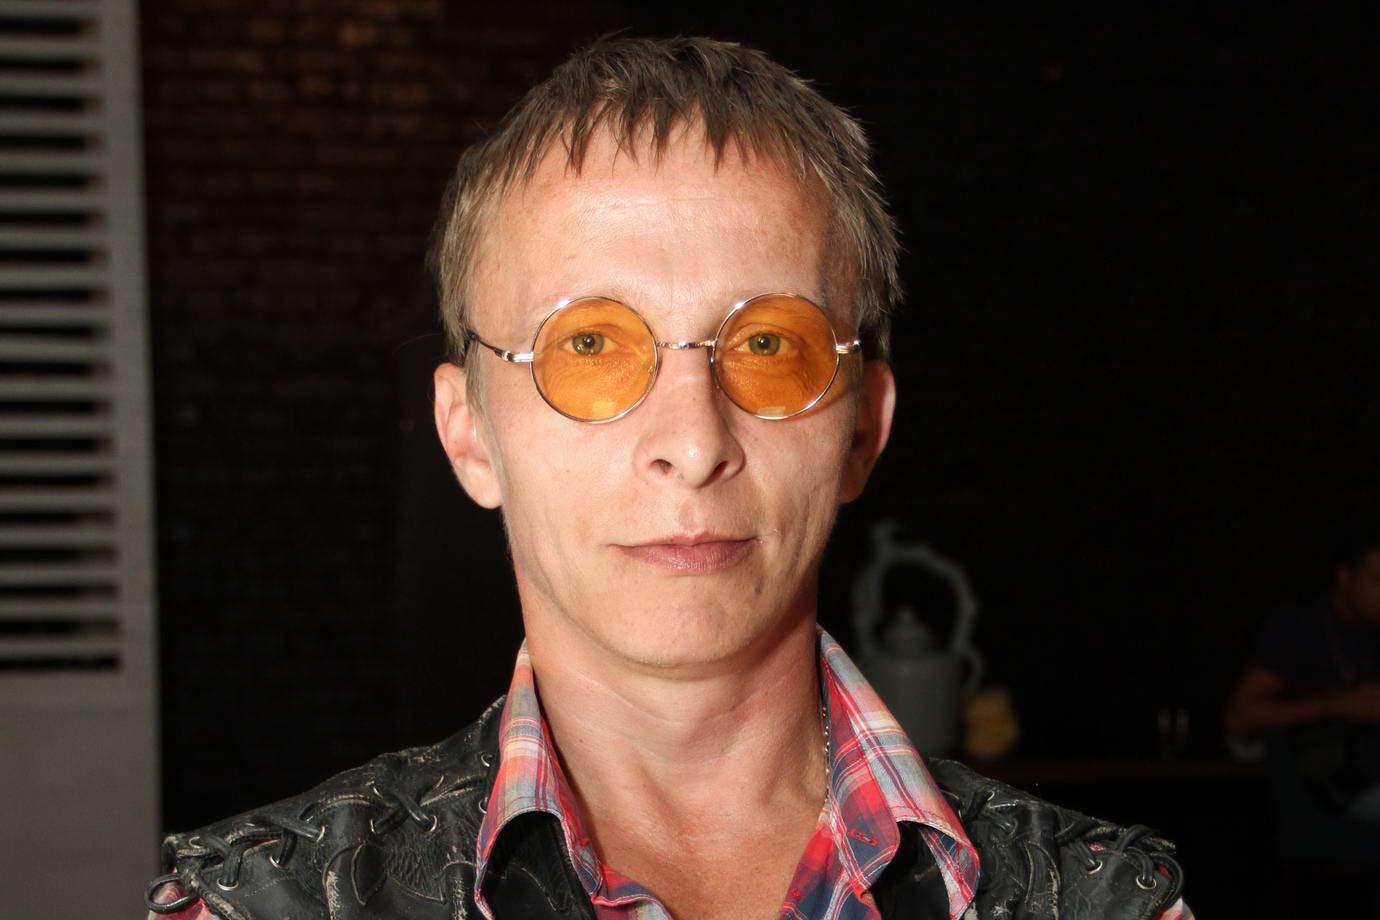 Иван Охлобыстин сменил имидж и стал похож на Джонни Деппа